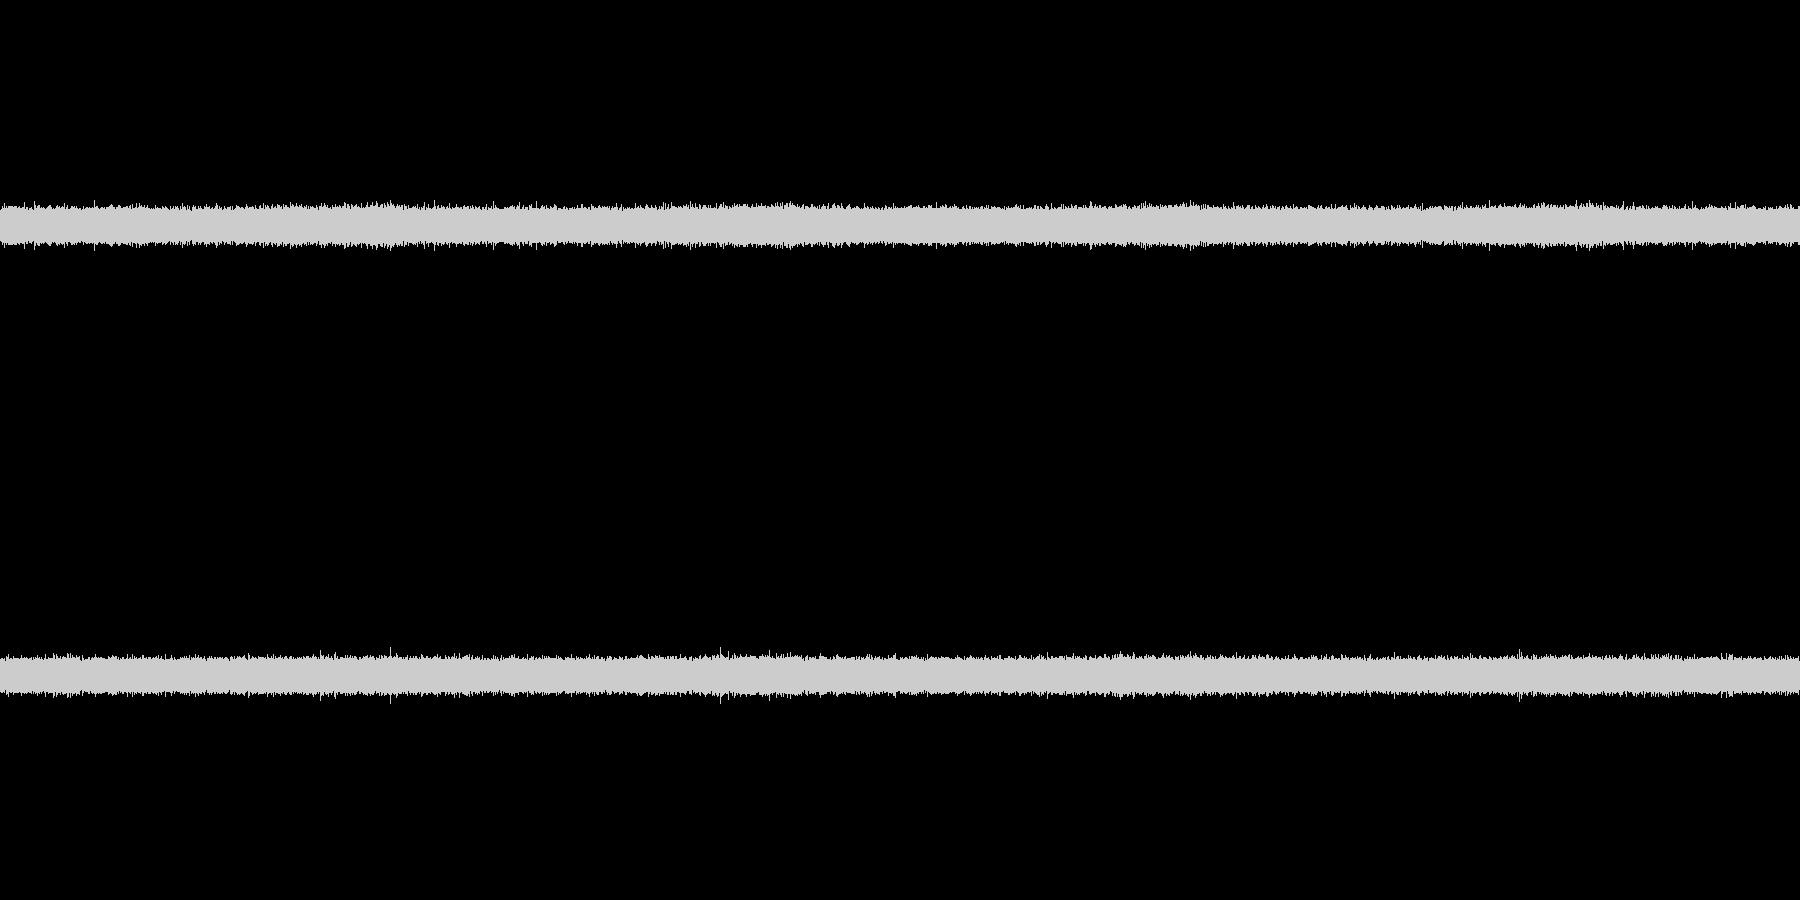 ザー(滝の流れる音)の未再生の波形